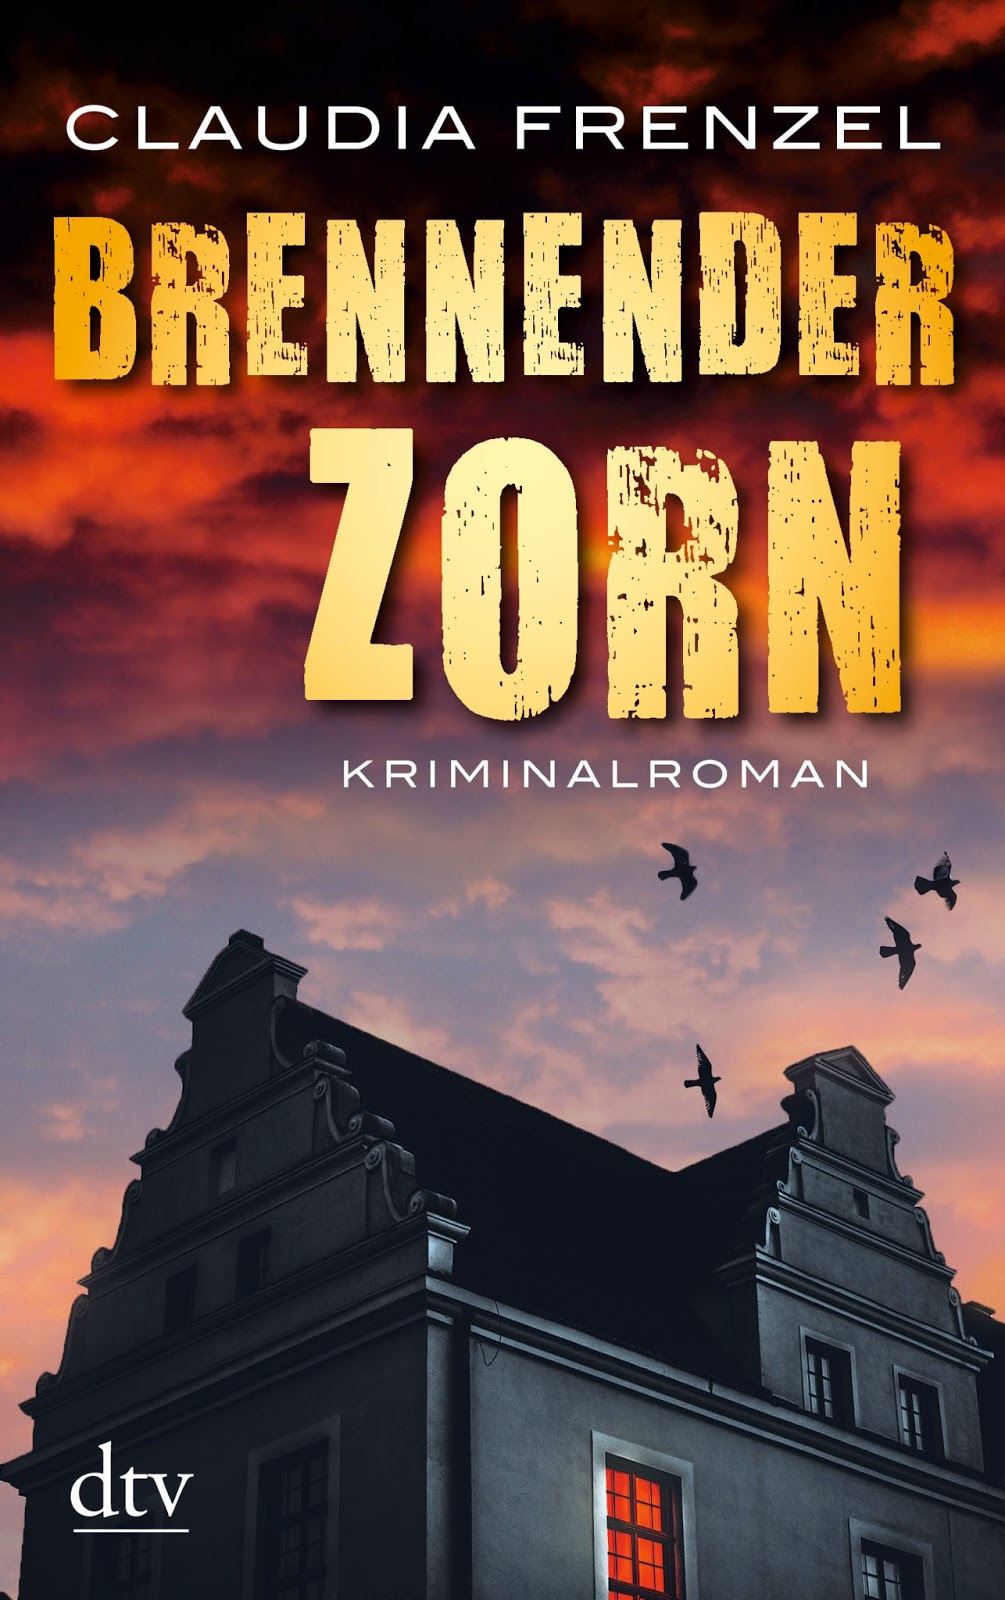 http://lasszeilensprechen.blogspot.com/2015/03/brennender-zorn-claudia-frenzel.html